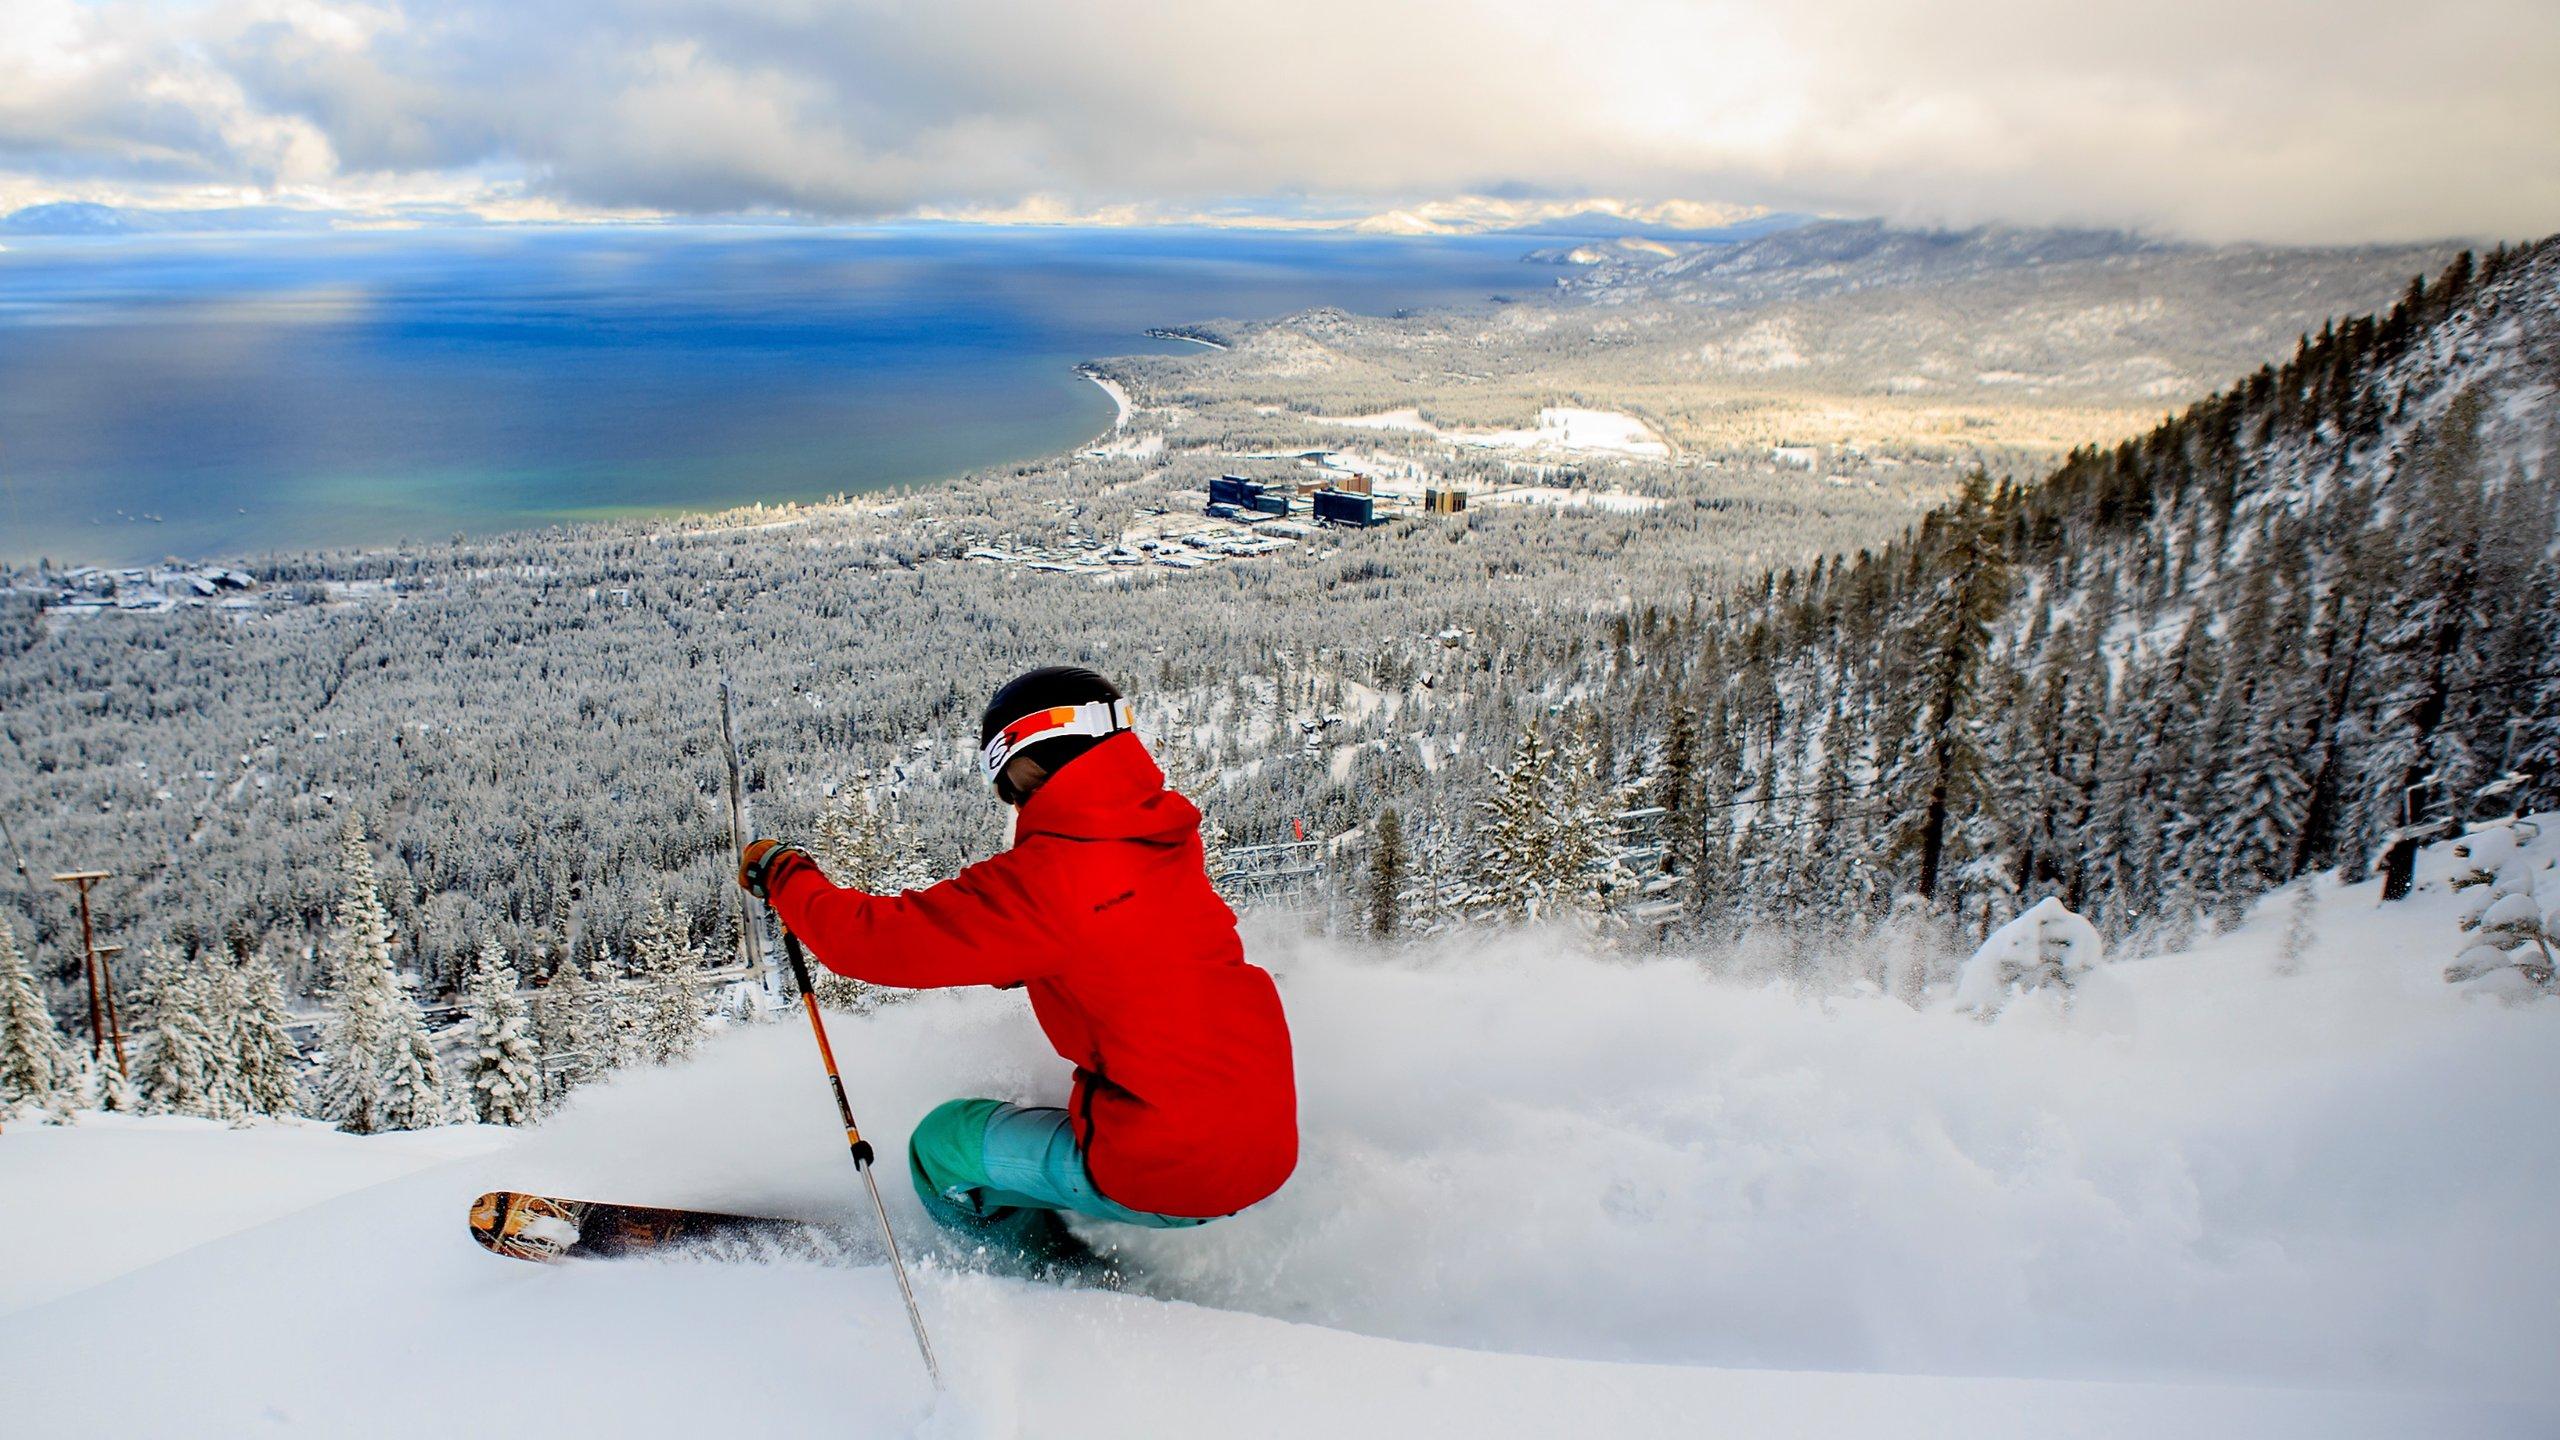 Heavenly Ski Resort, United States of America